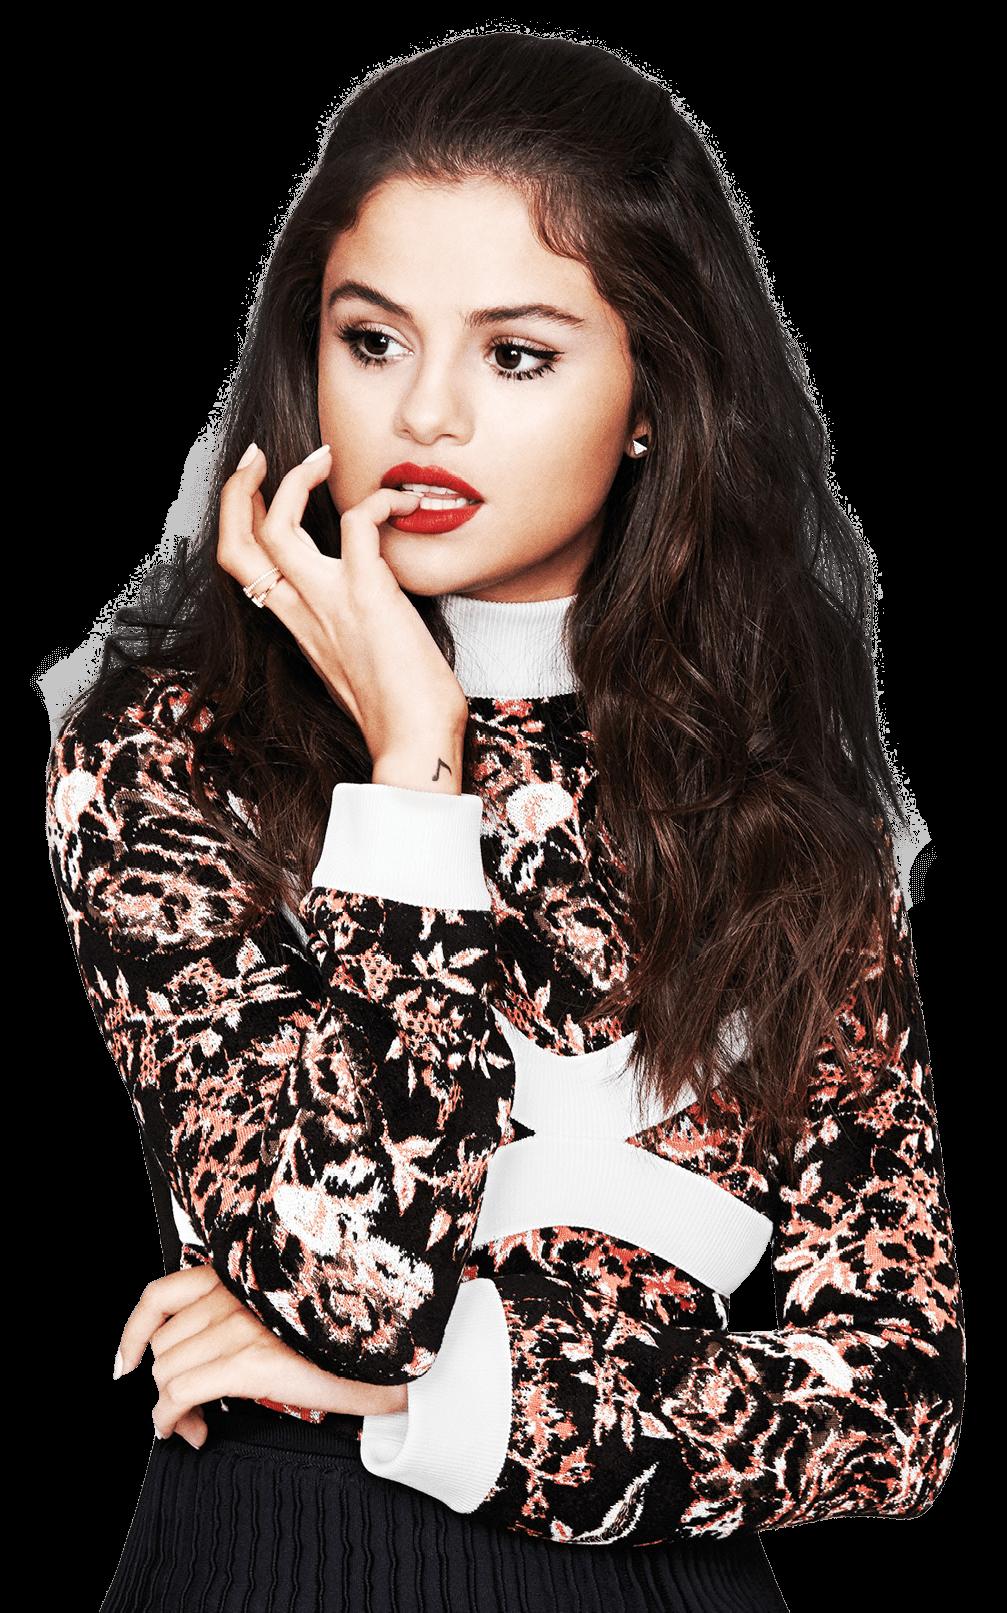 Selena Gomez Thinking PNG Image.